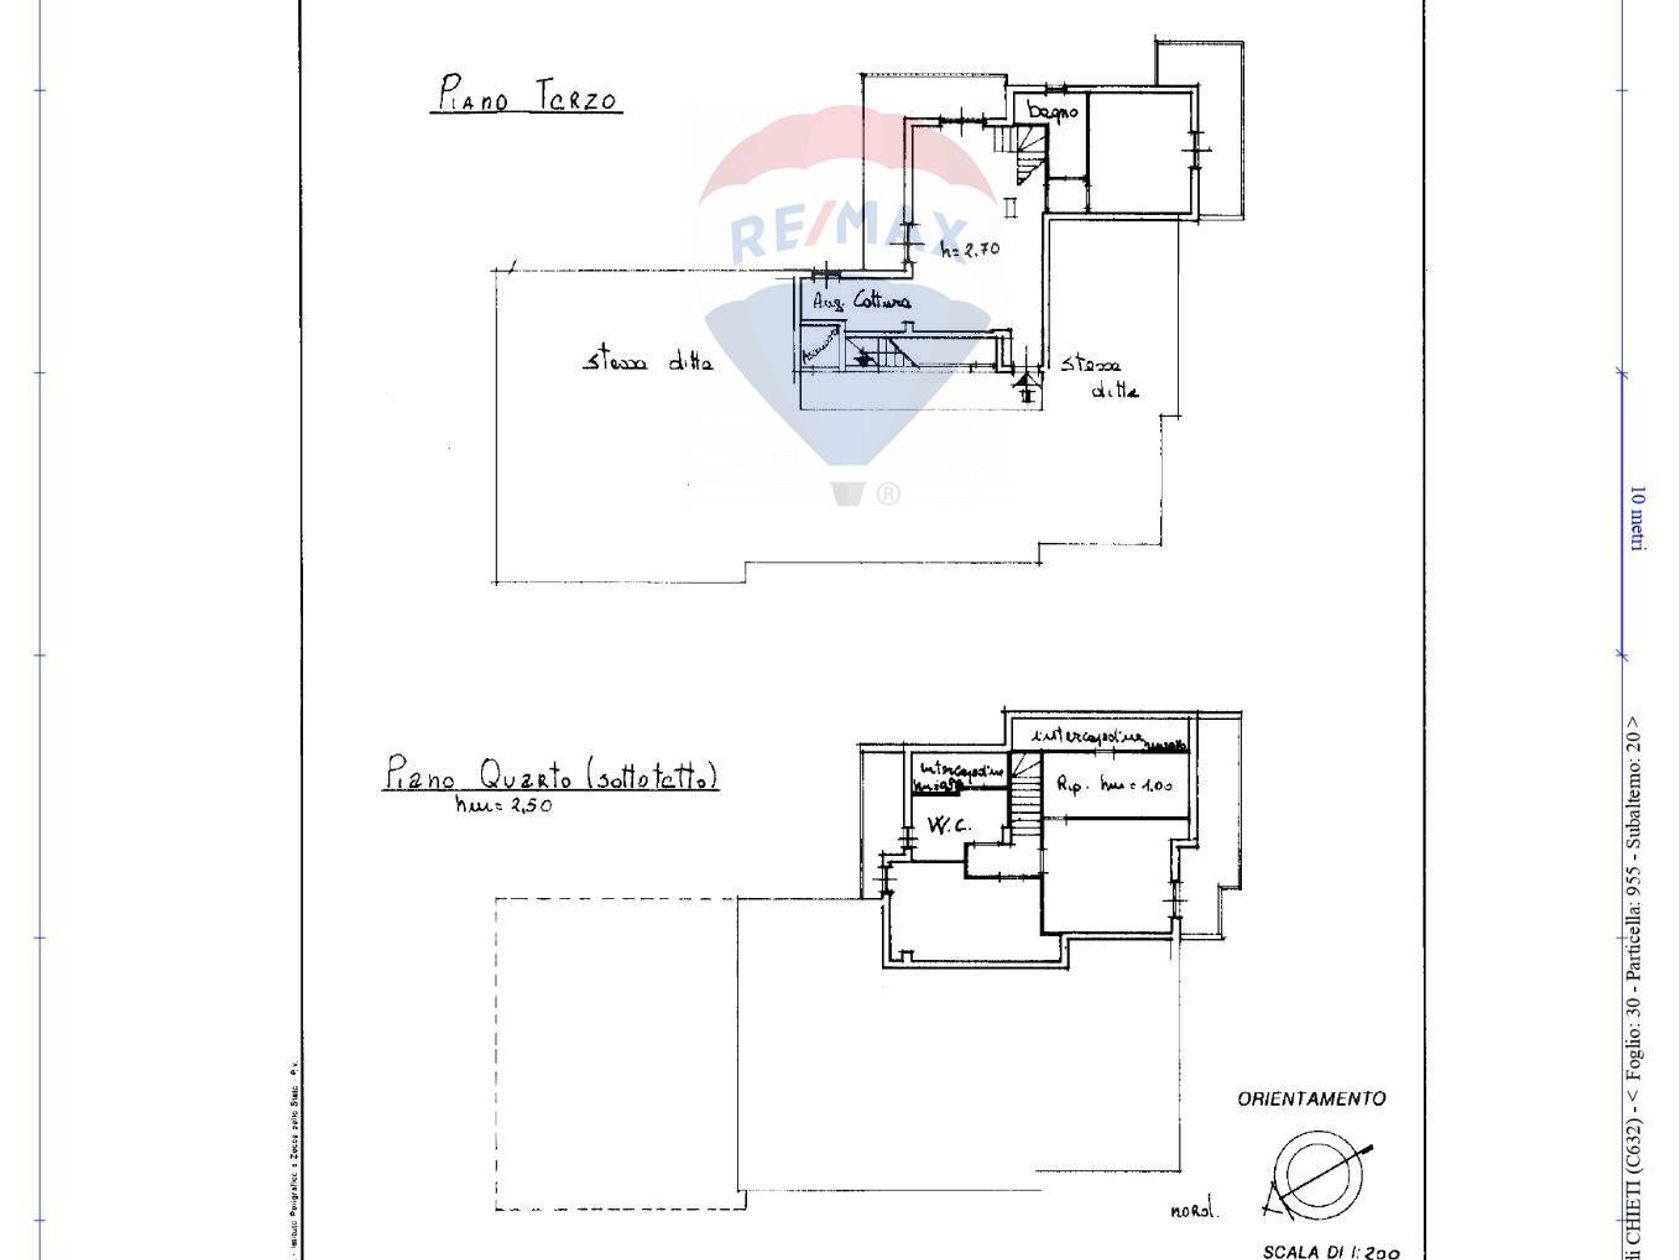 Appartamento Semicentro, Chieti, CH Vendita - Planimetria 1